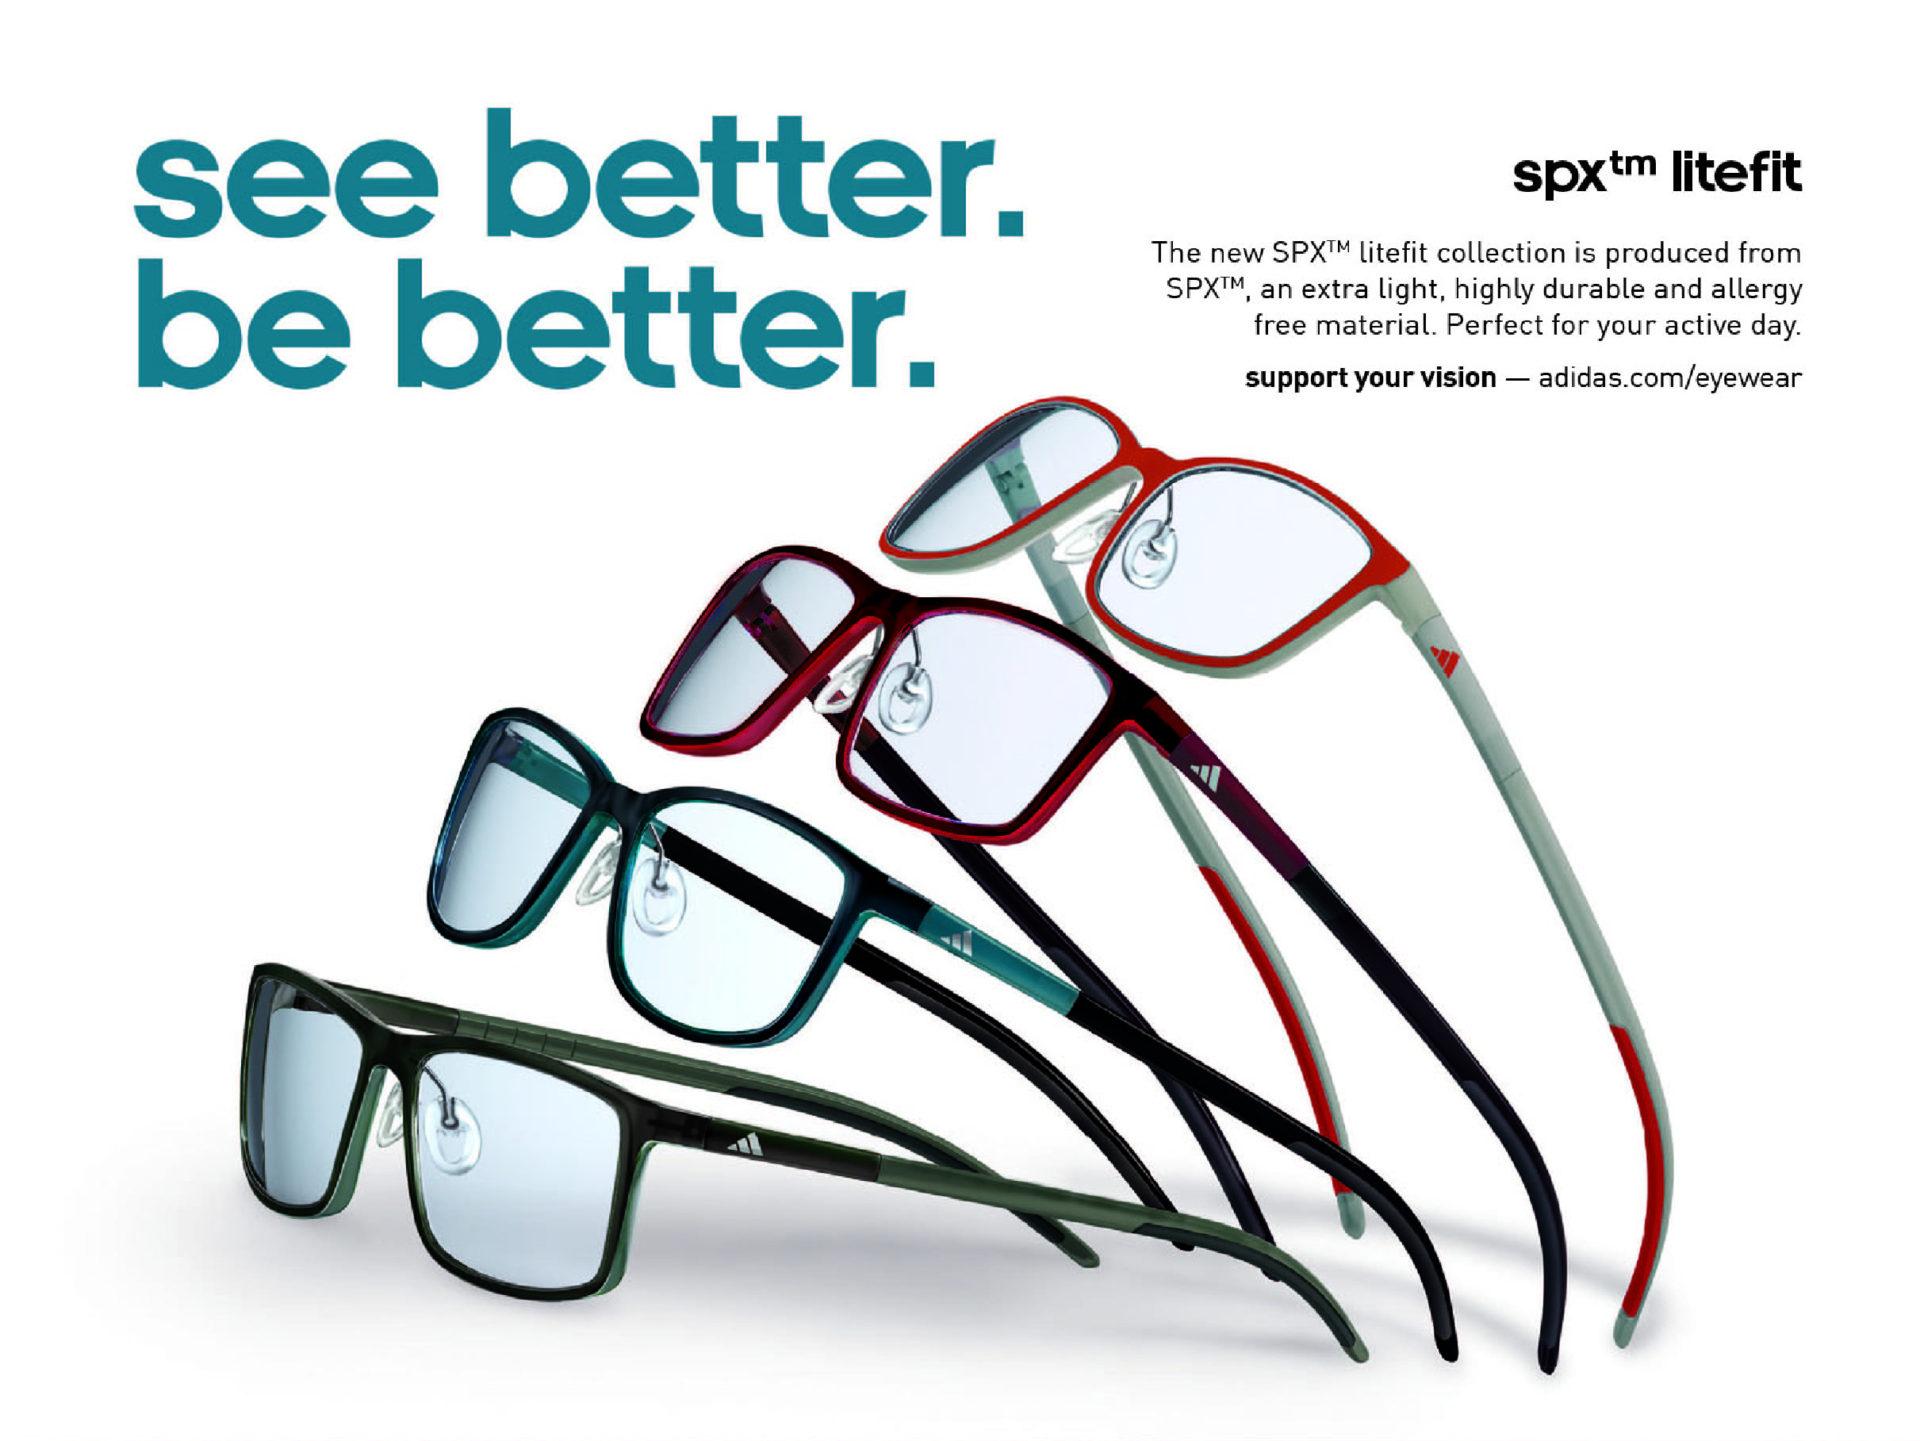 Adidas Eyewear - Evershine Optical